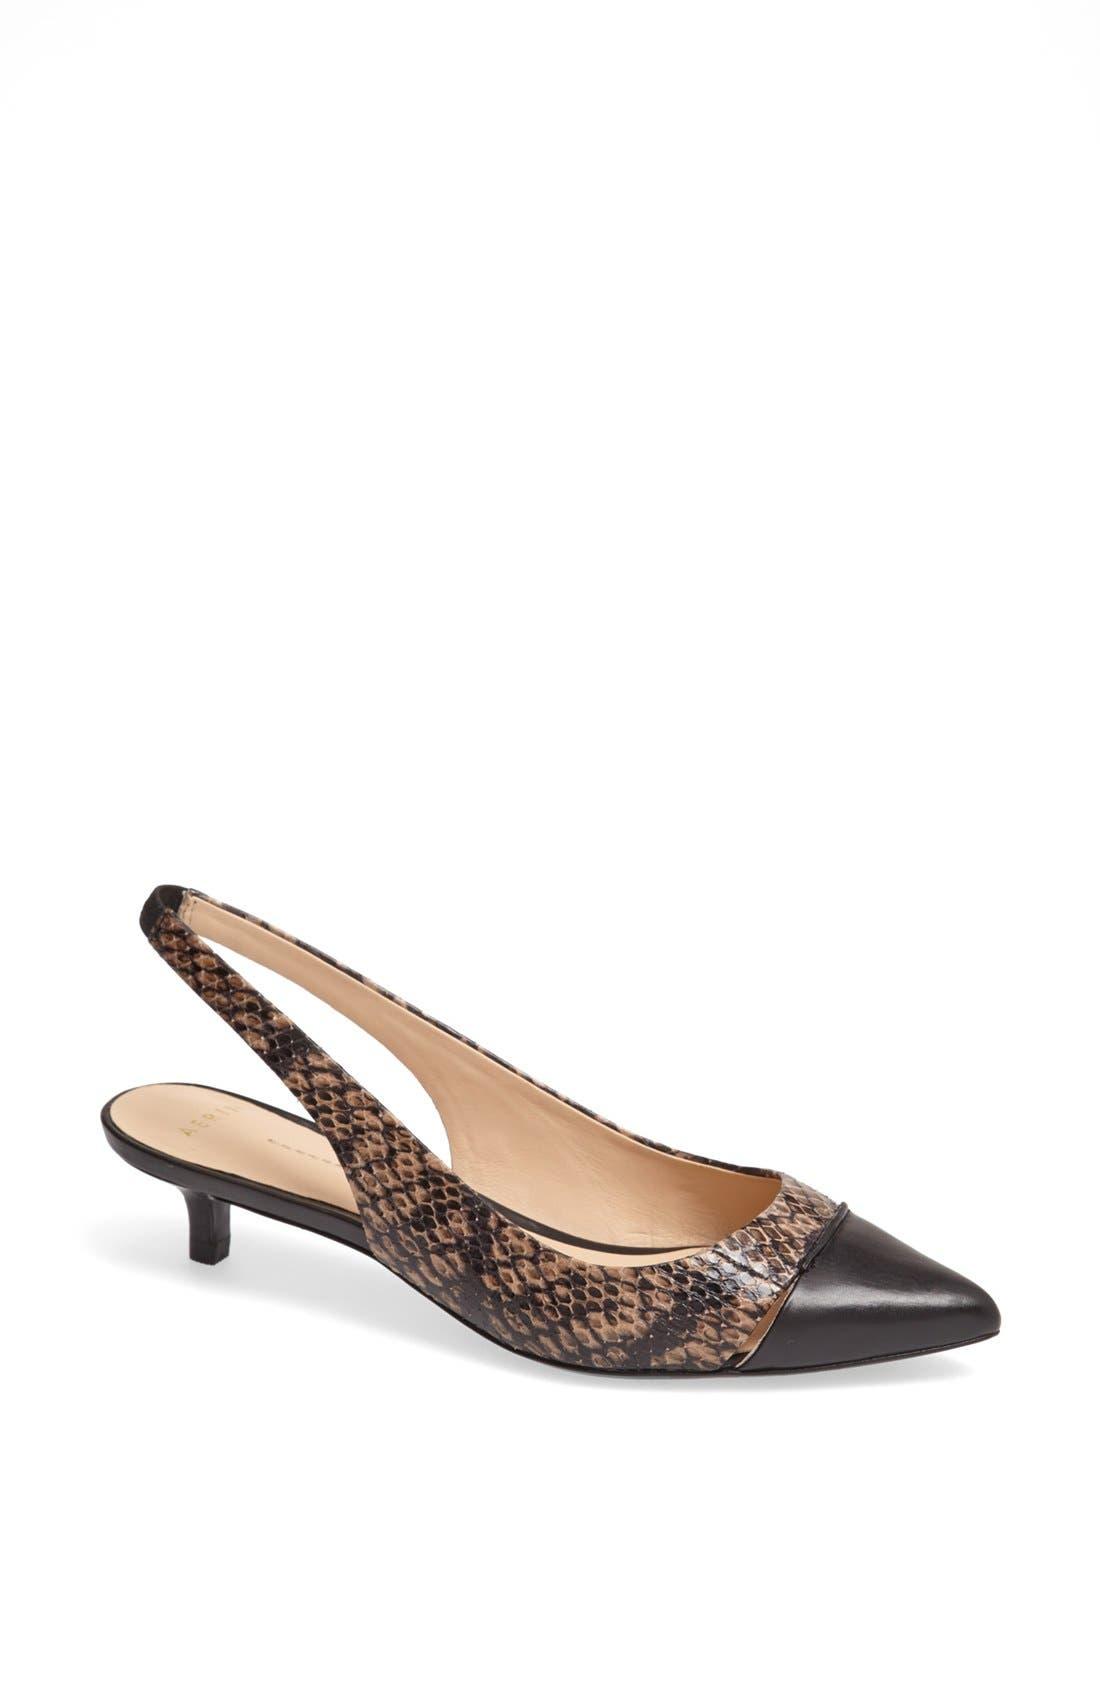 Main Image - Aerin 'Padima' Kitten Heel Sandal